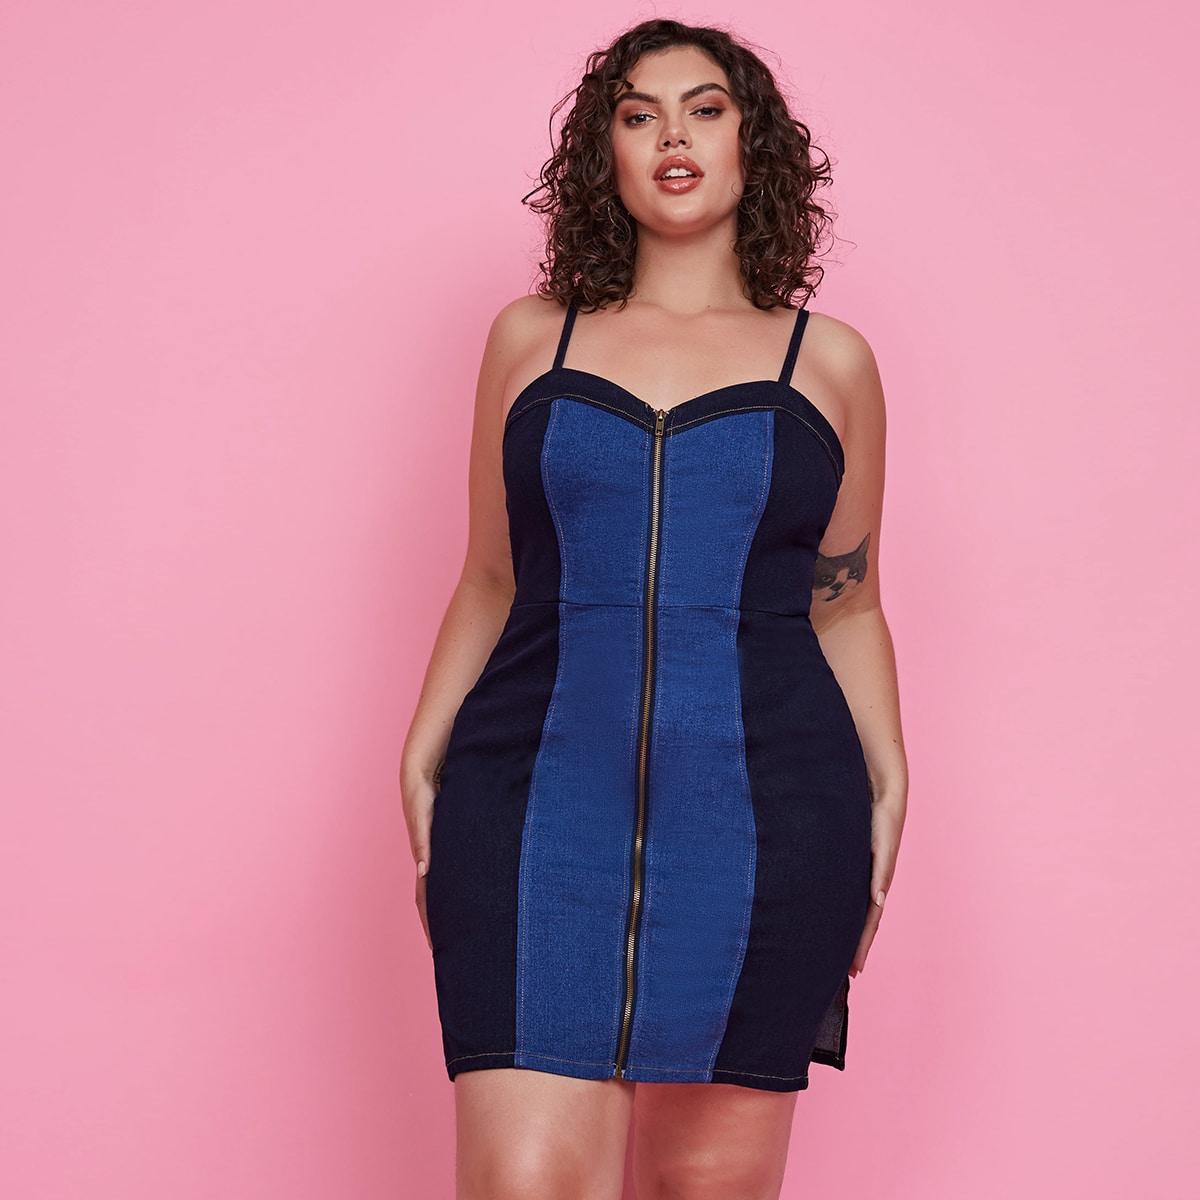 размера плюс Платье на бретелях контрастный с разрезом джинсовый